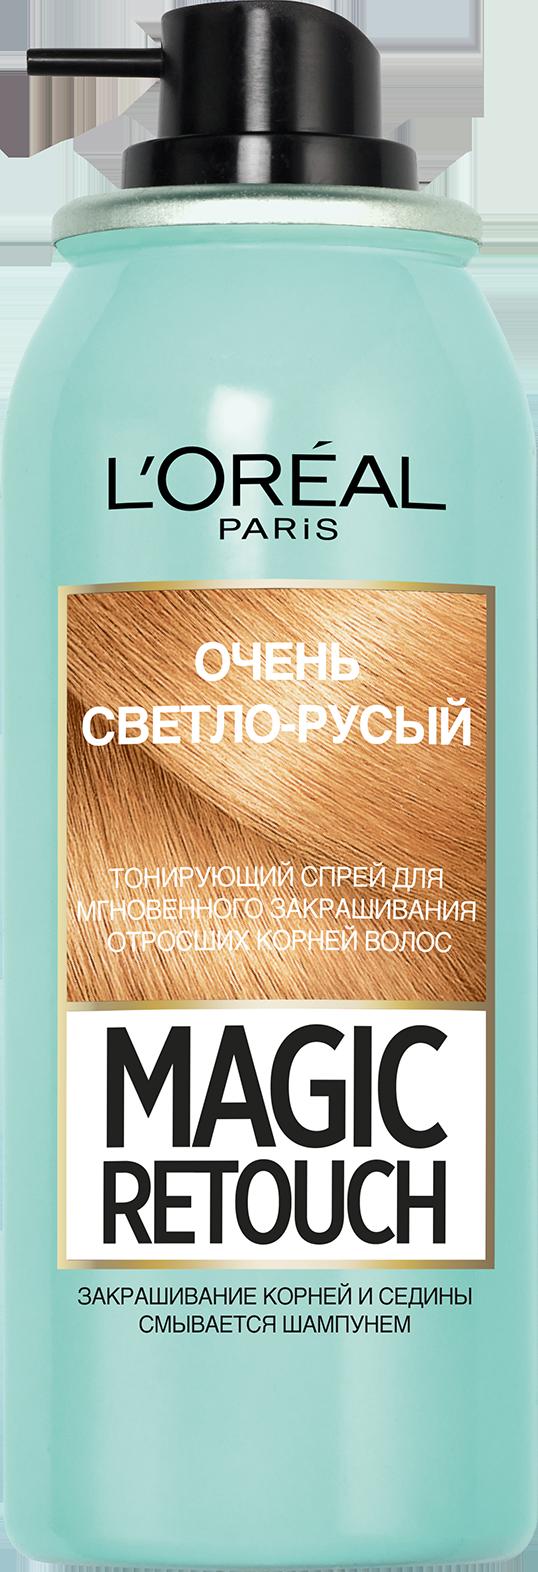 Миниатюра Тонирующий спрей L'Oreal Paris Magic Retouch оттенок очень светло-русый 75 мл №3